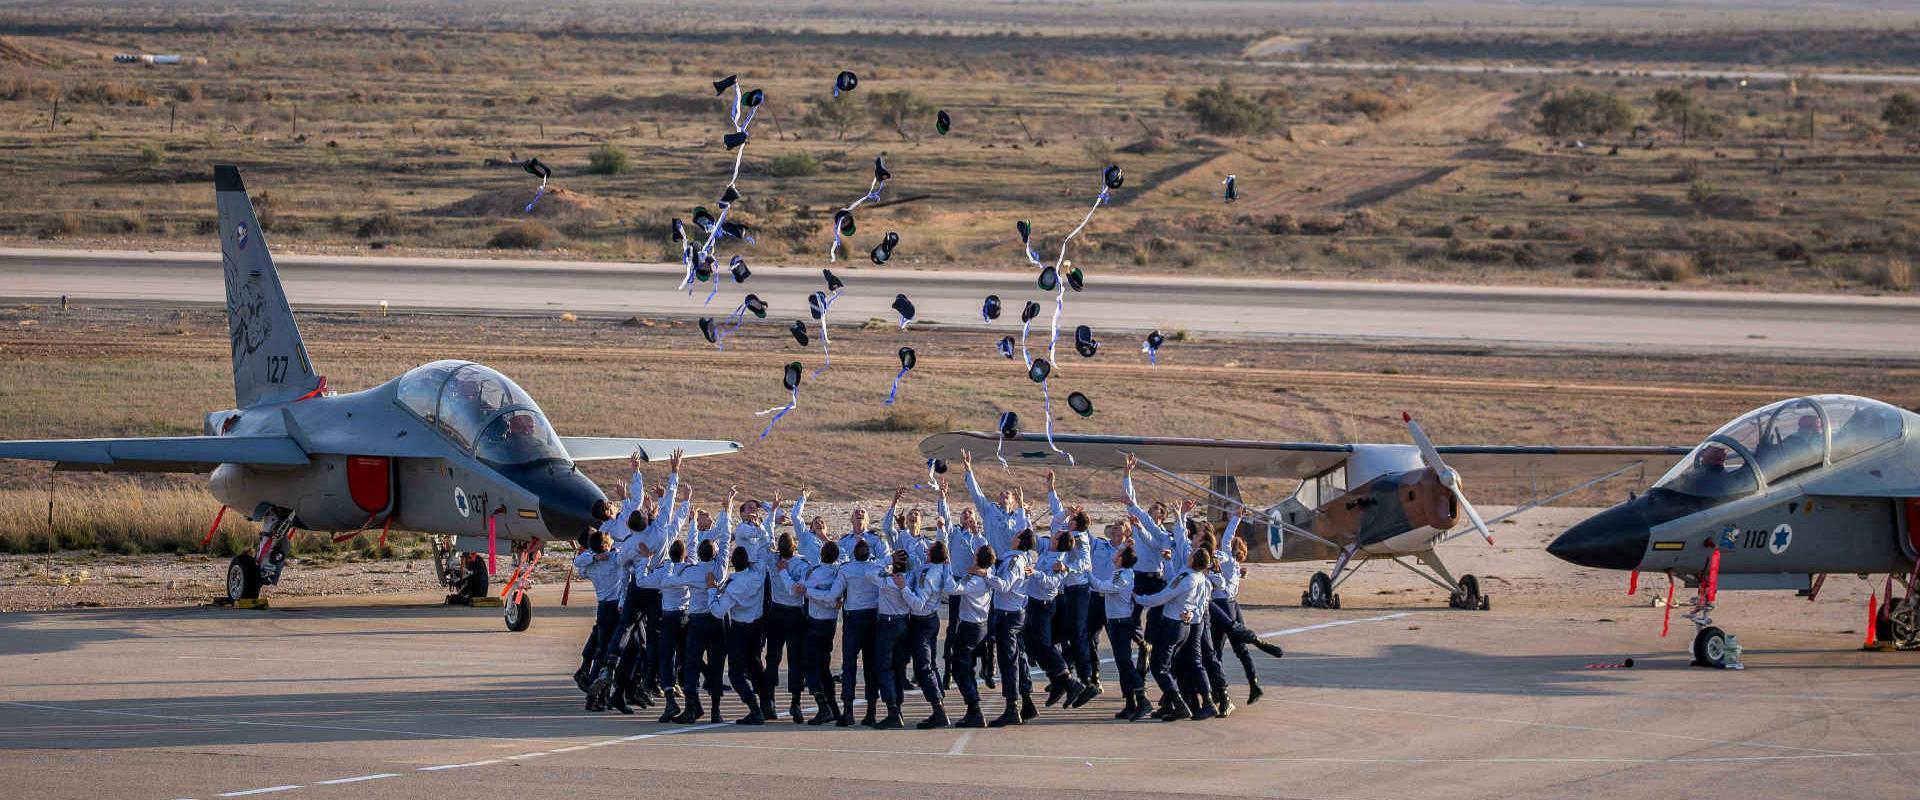 טקס סיום קורס טיס